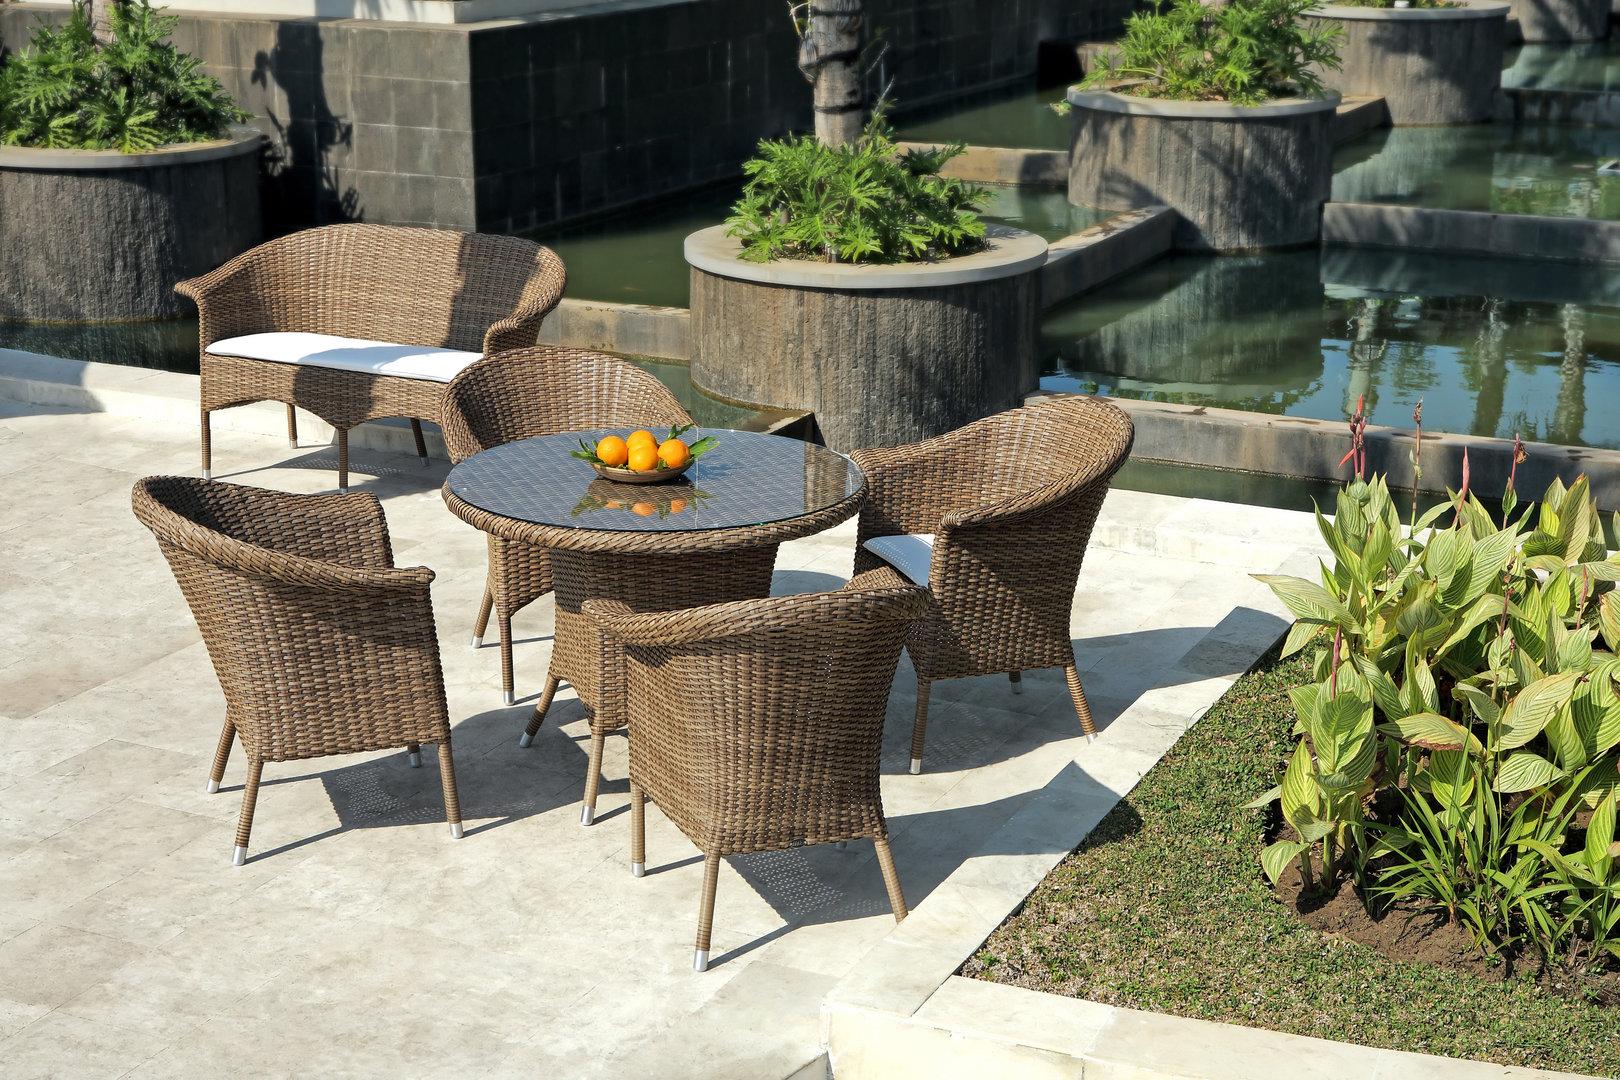 zebra tisch rund hastings esstisch alu polyrattan glas artjardin. Black Bedroom Furniture Sets. Home Design Ideas